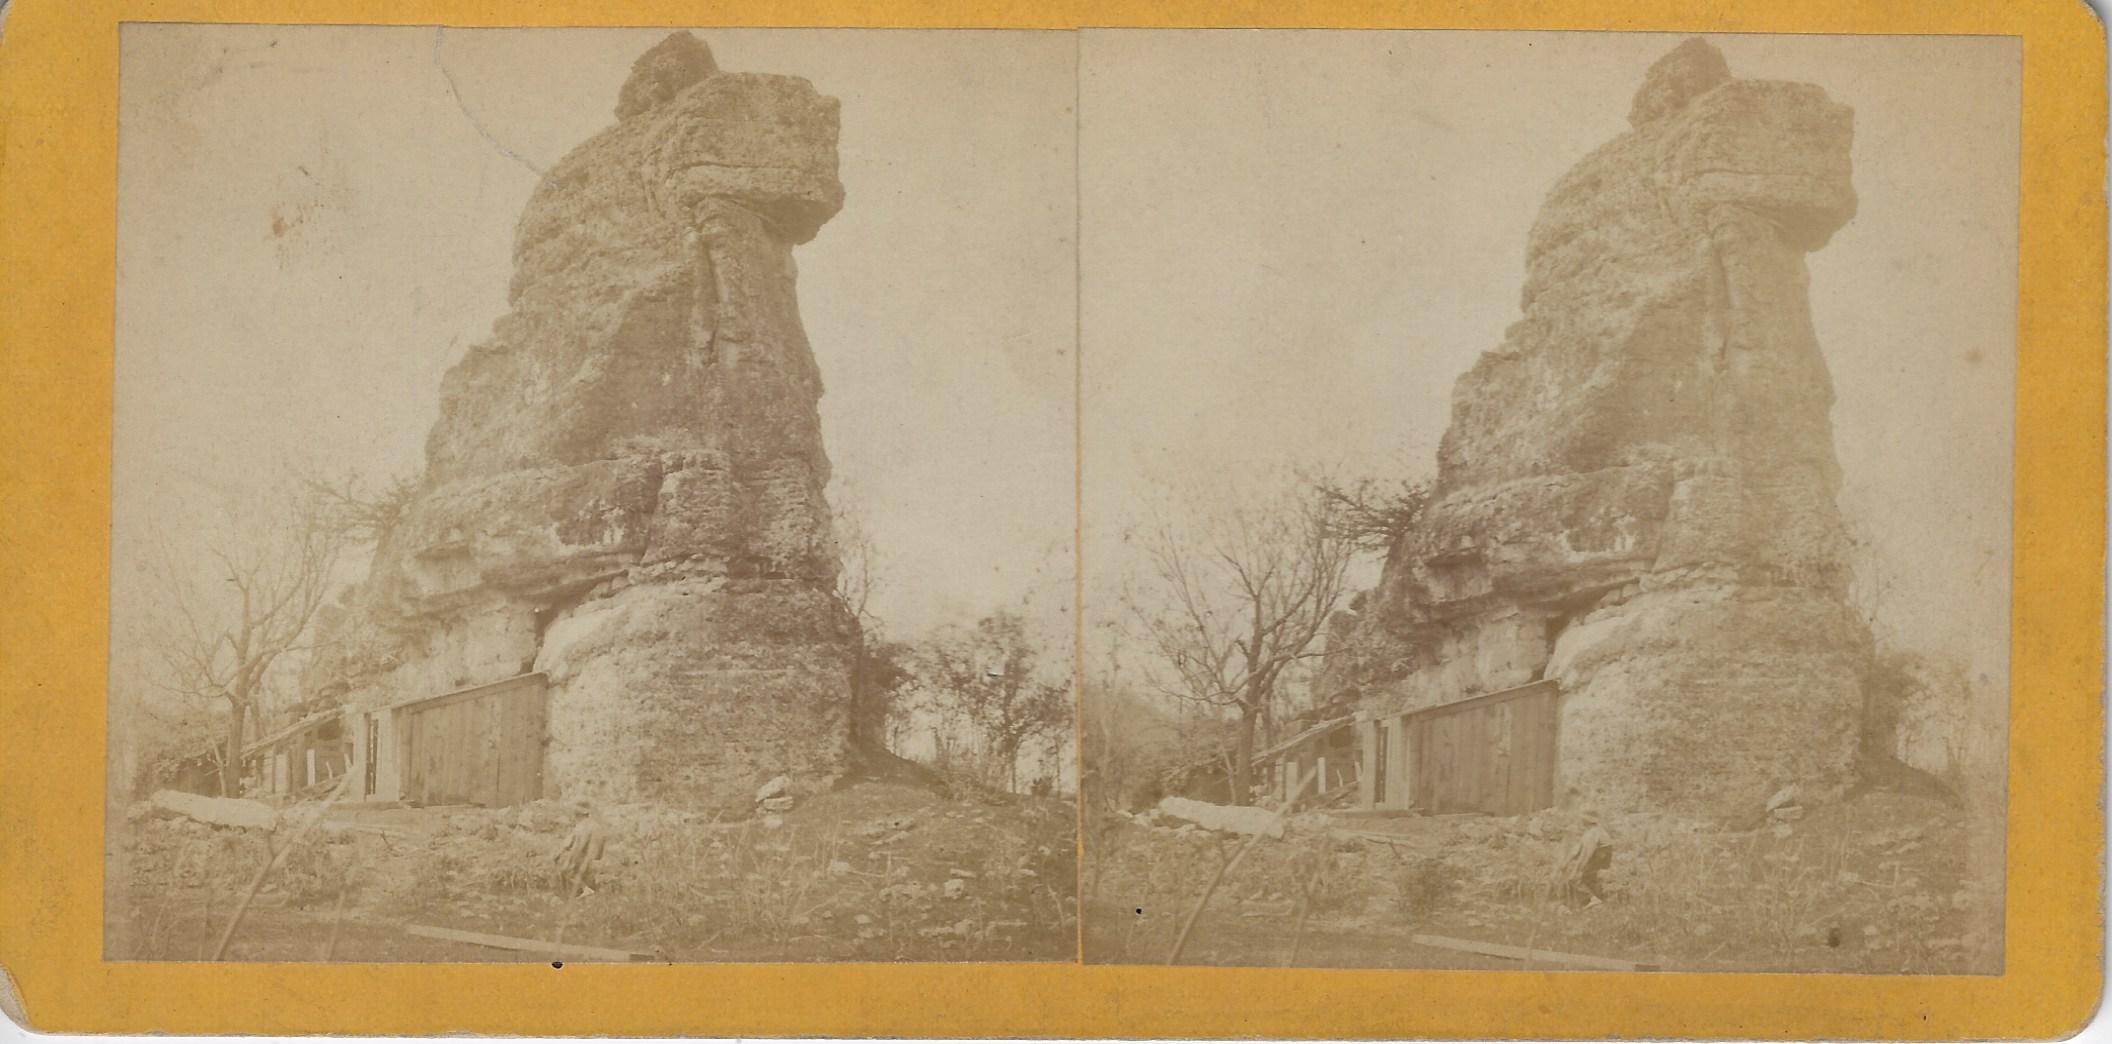 LJTP 100.284.2 - S. Root - Tower Rock near Iowa Falls - c1875